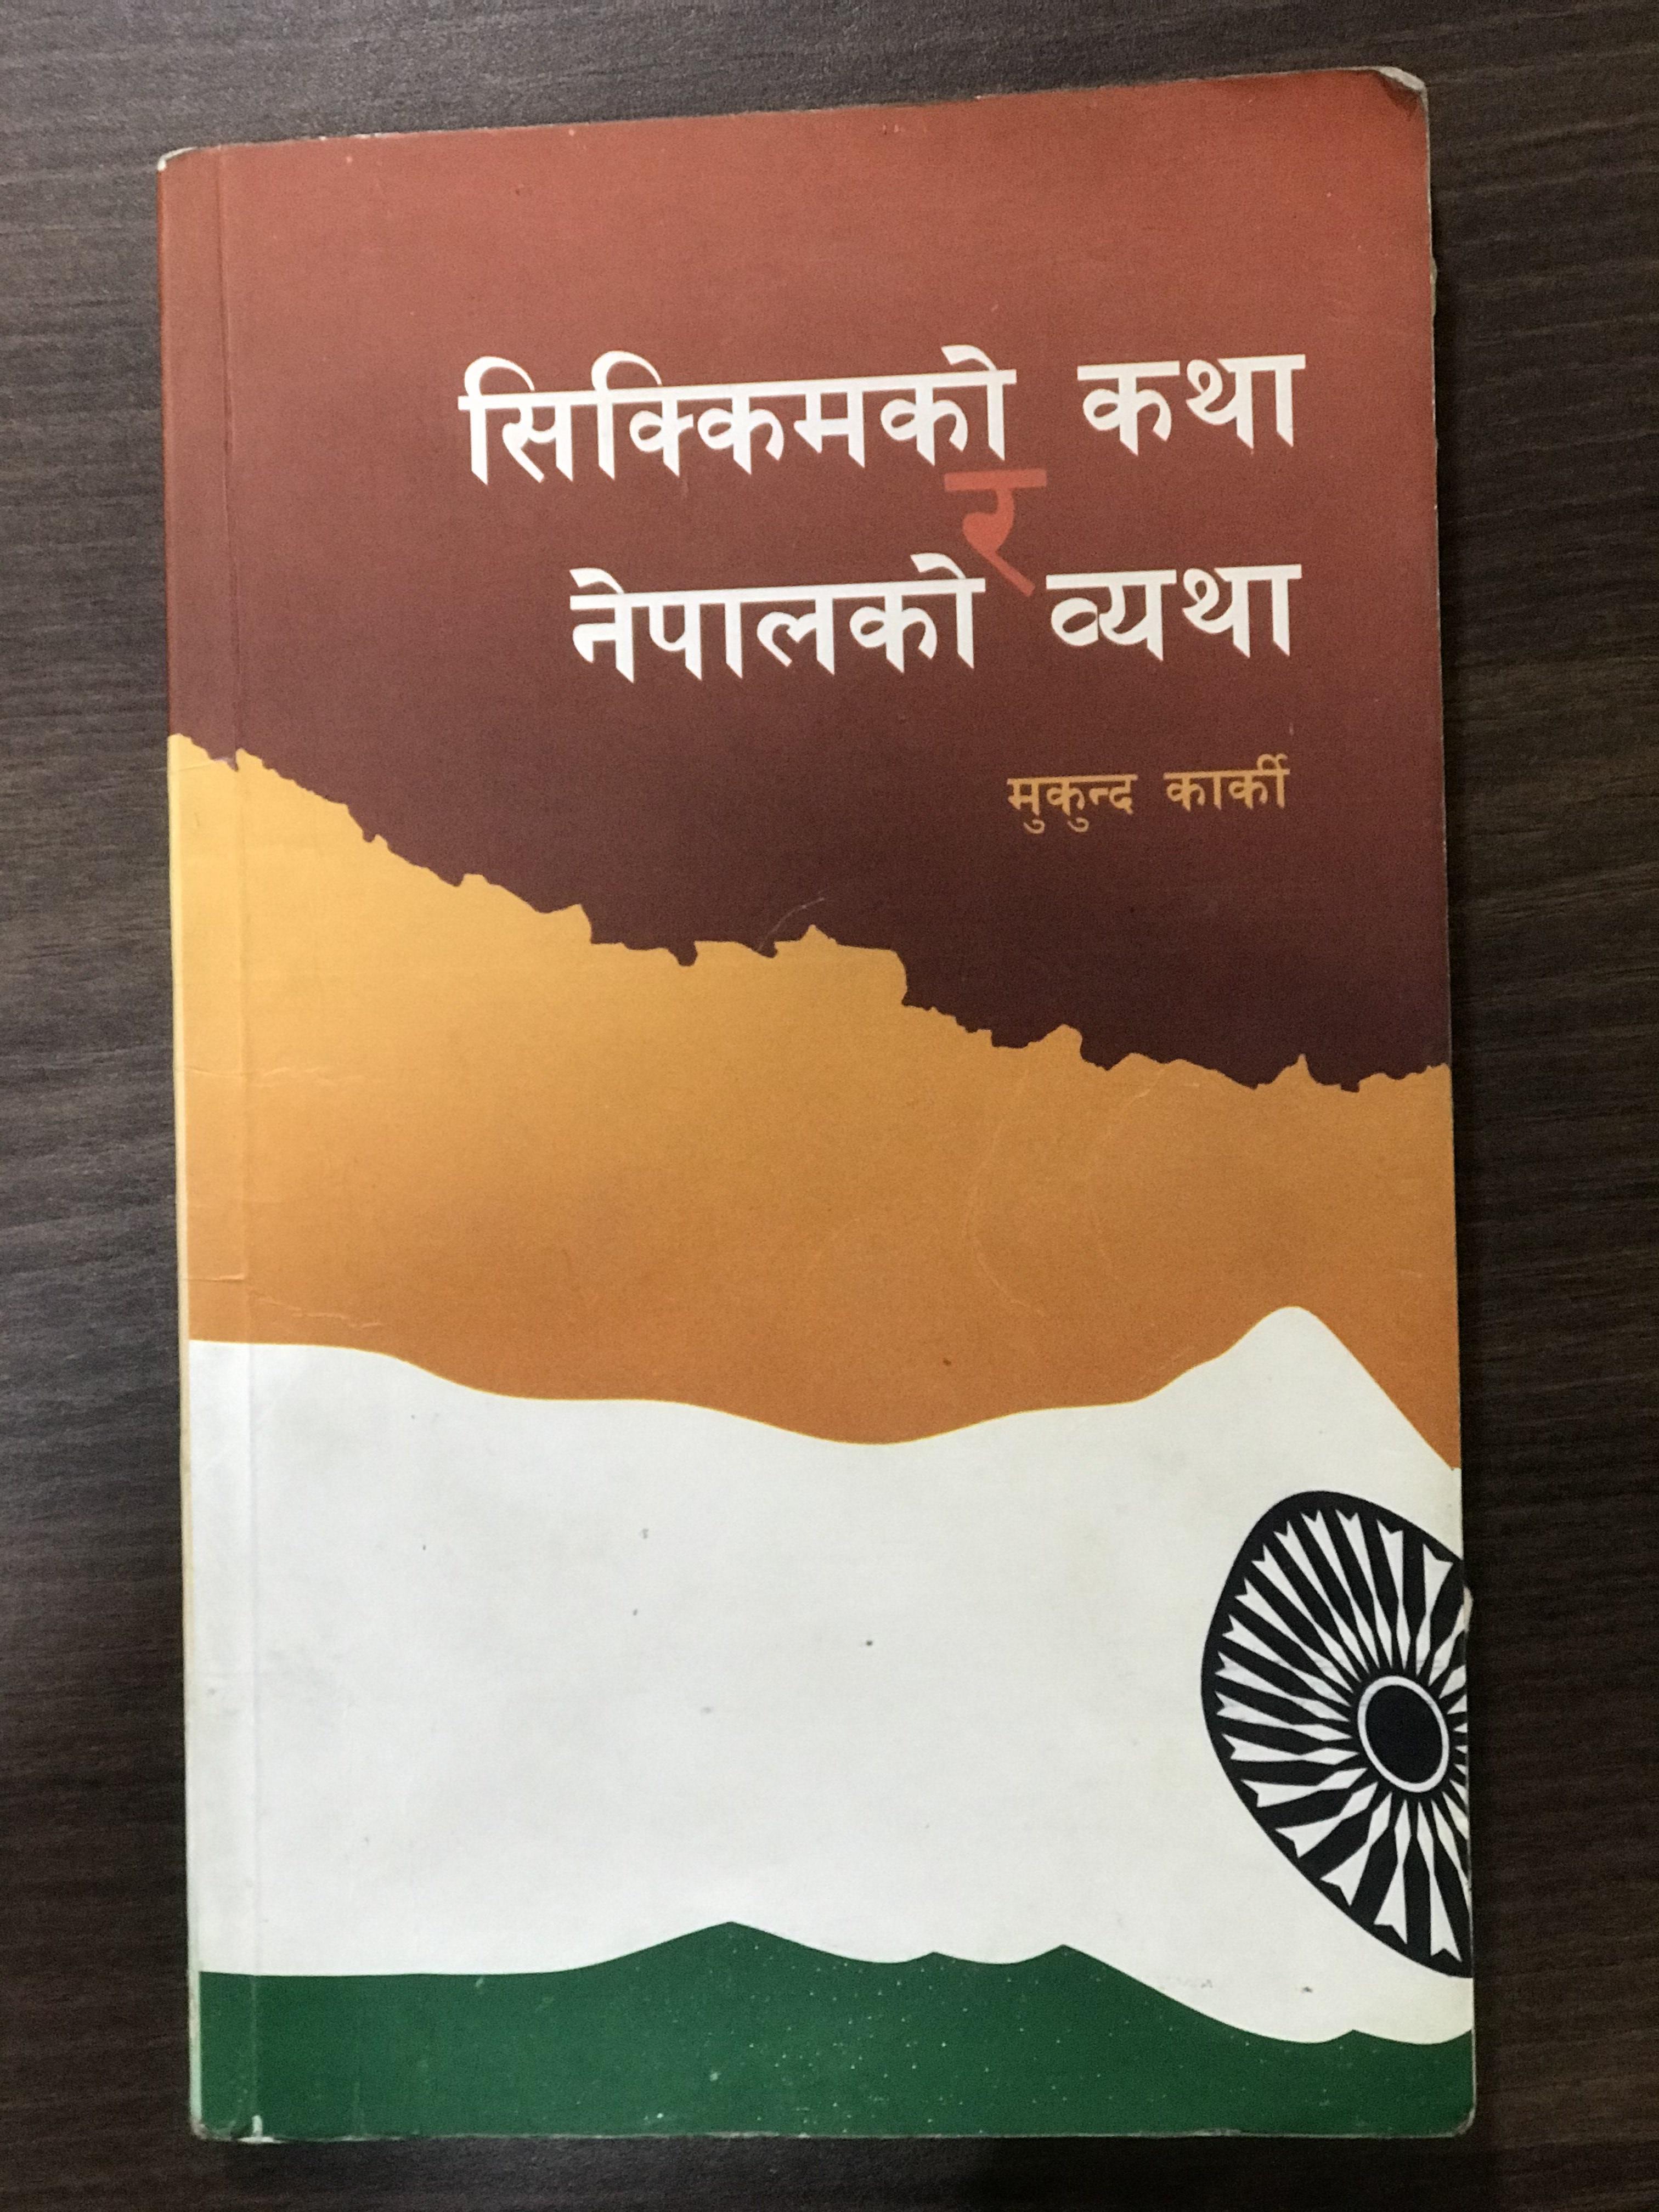 ppbs-8-sikkimko-katha-ra-nepalko-byatha